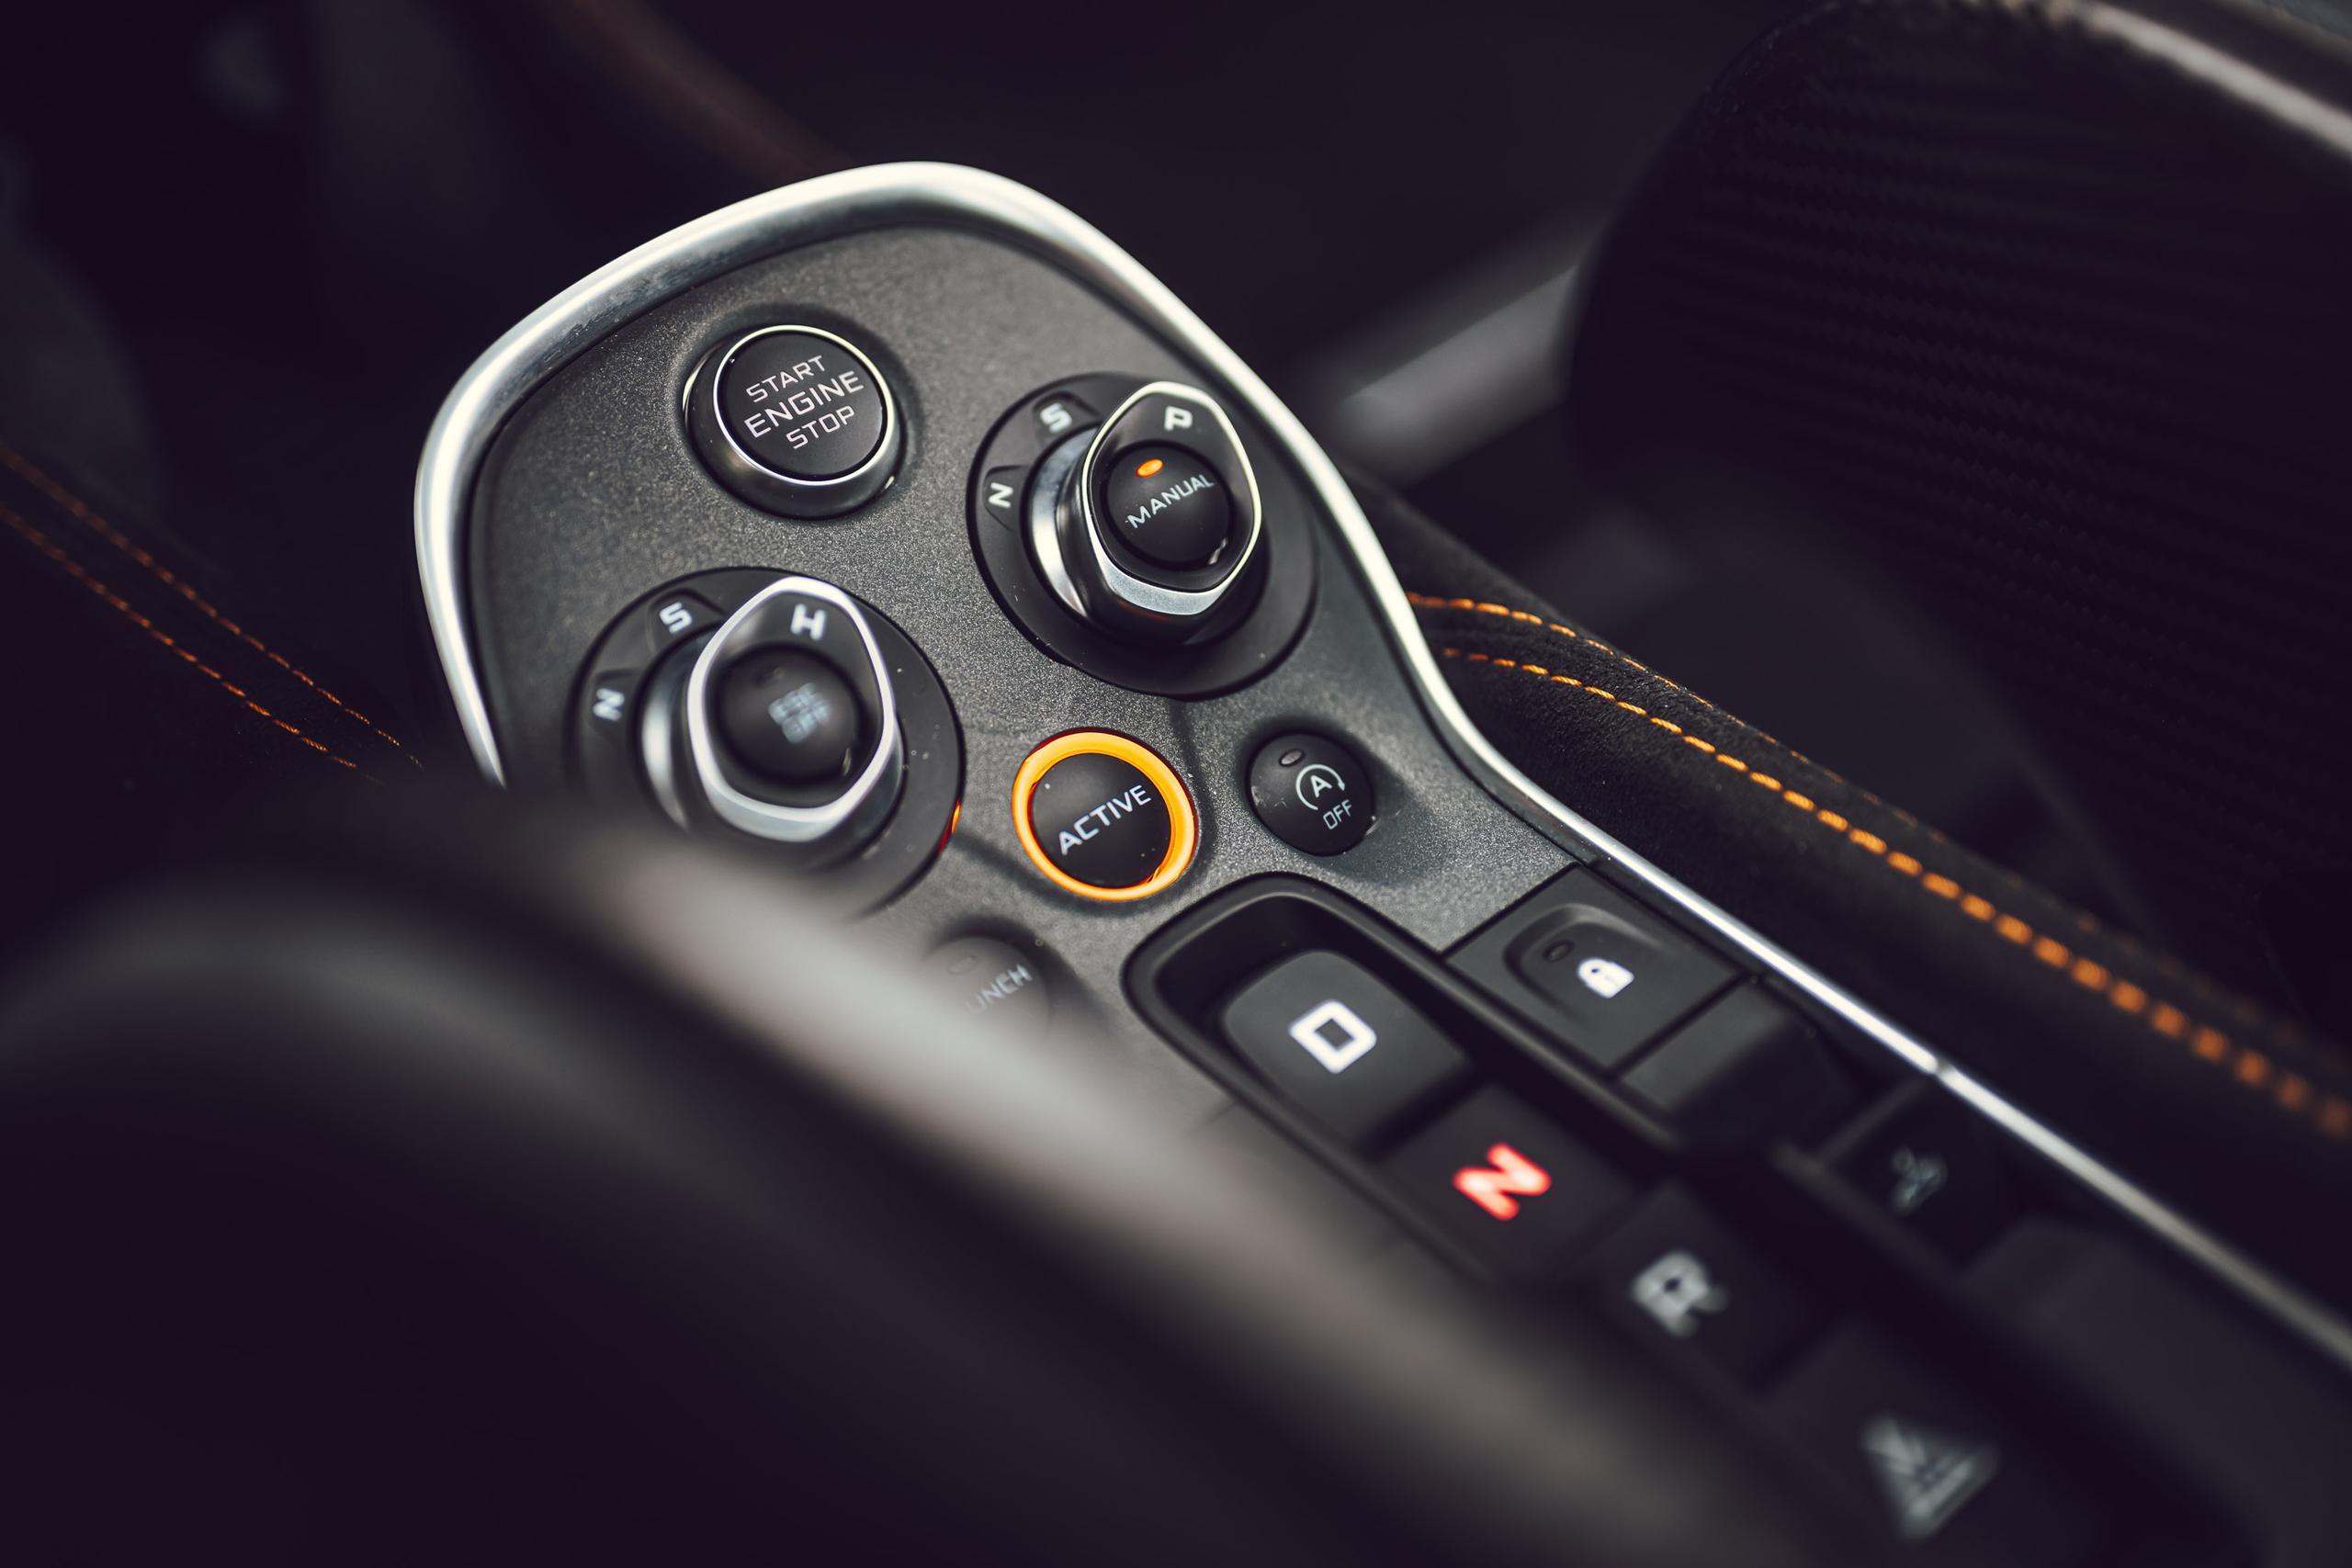 McLaren 675LT center console